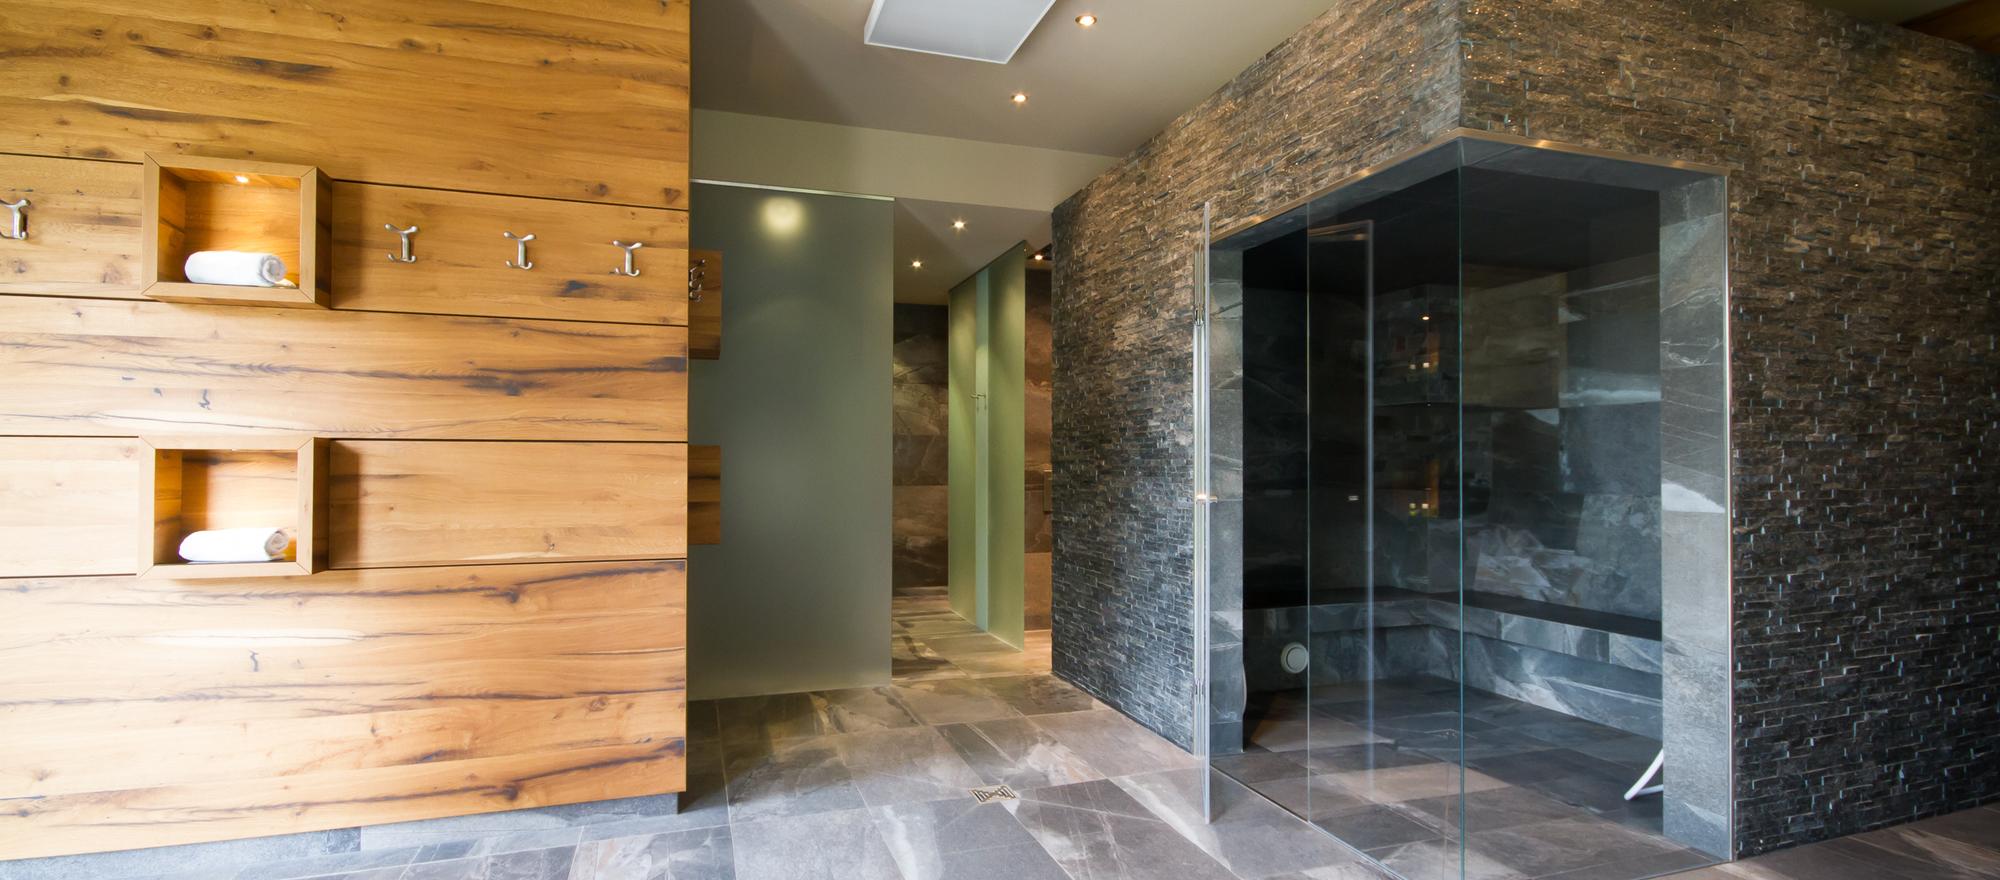 ringhotel landhaus nicolai in lohmen sachsen ringhotels. Black Bedroom Furniture Sets. Home Design Ideas